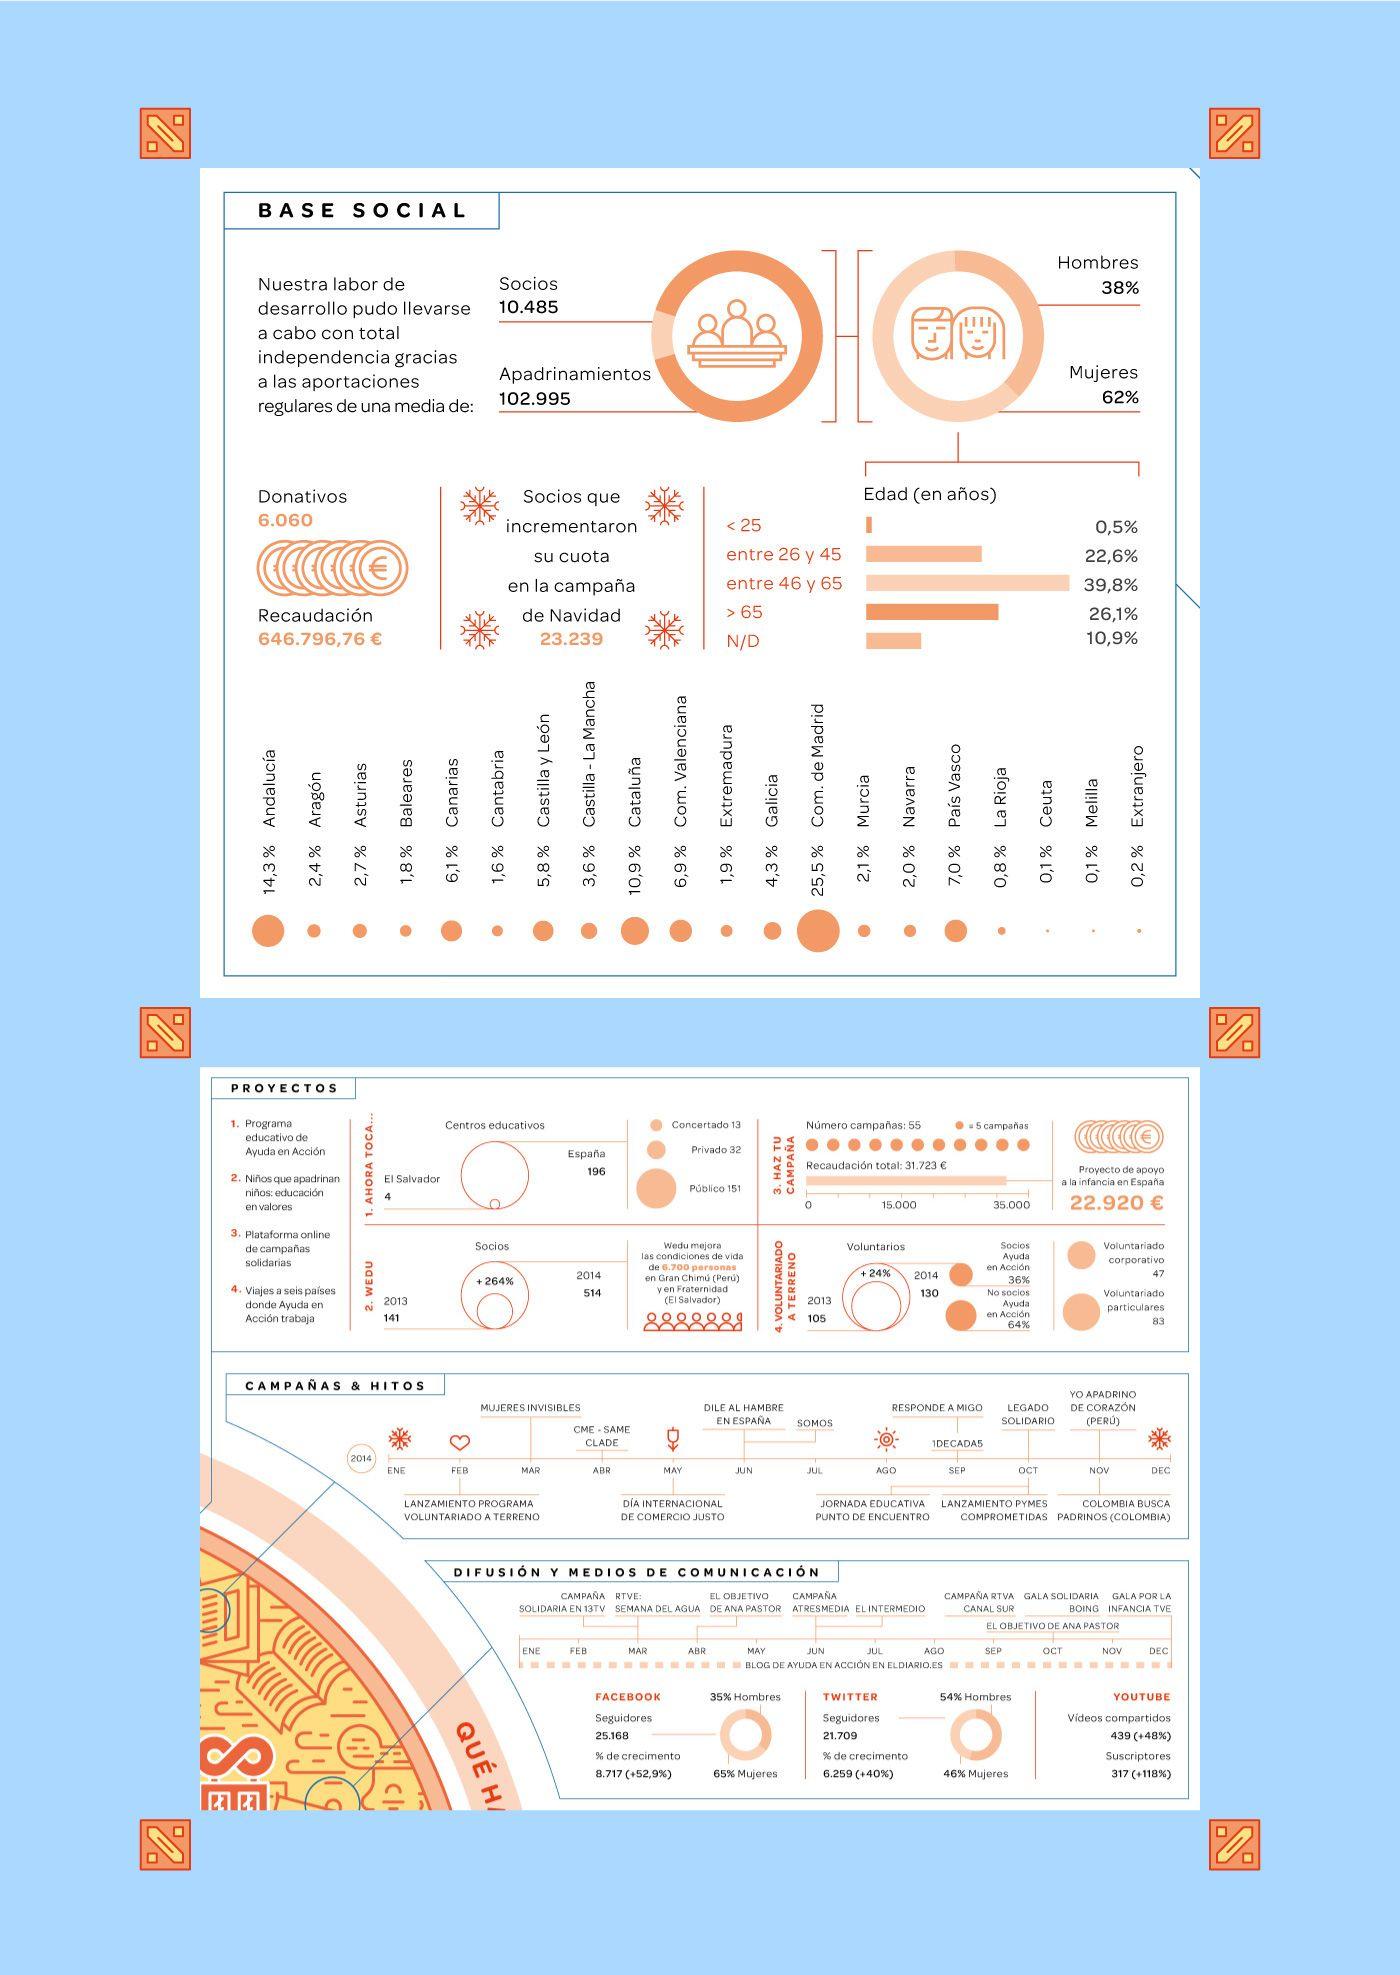 Ayuda en Acción Annual Report 2014 on Behance